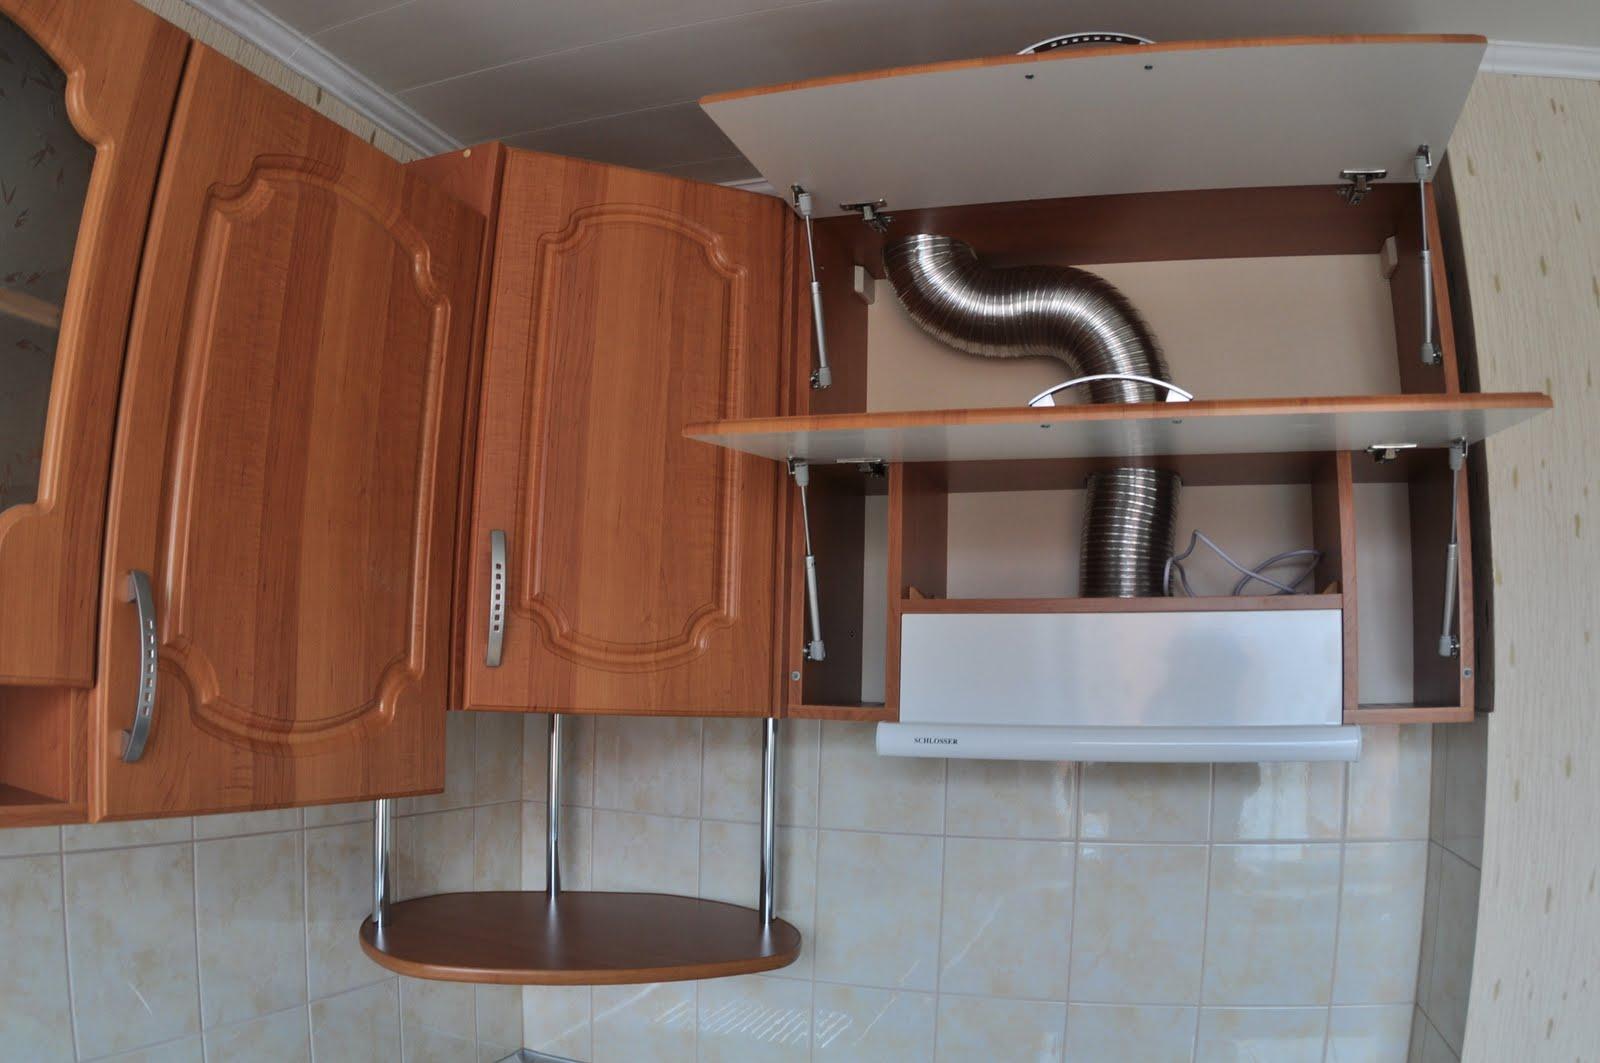 Установка кухонной вытяжки своими руками фото6